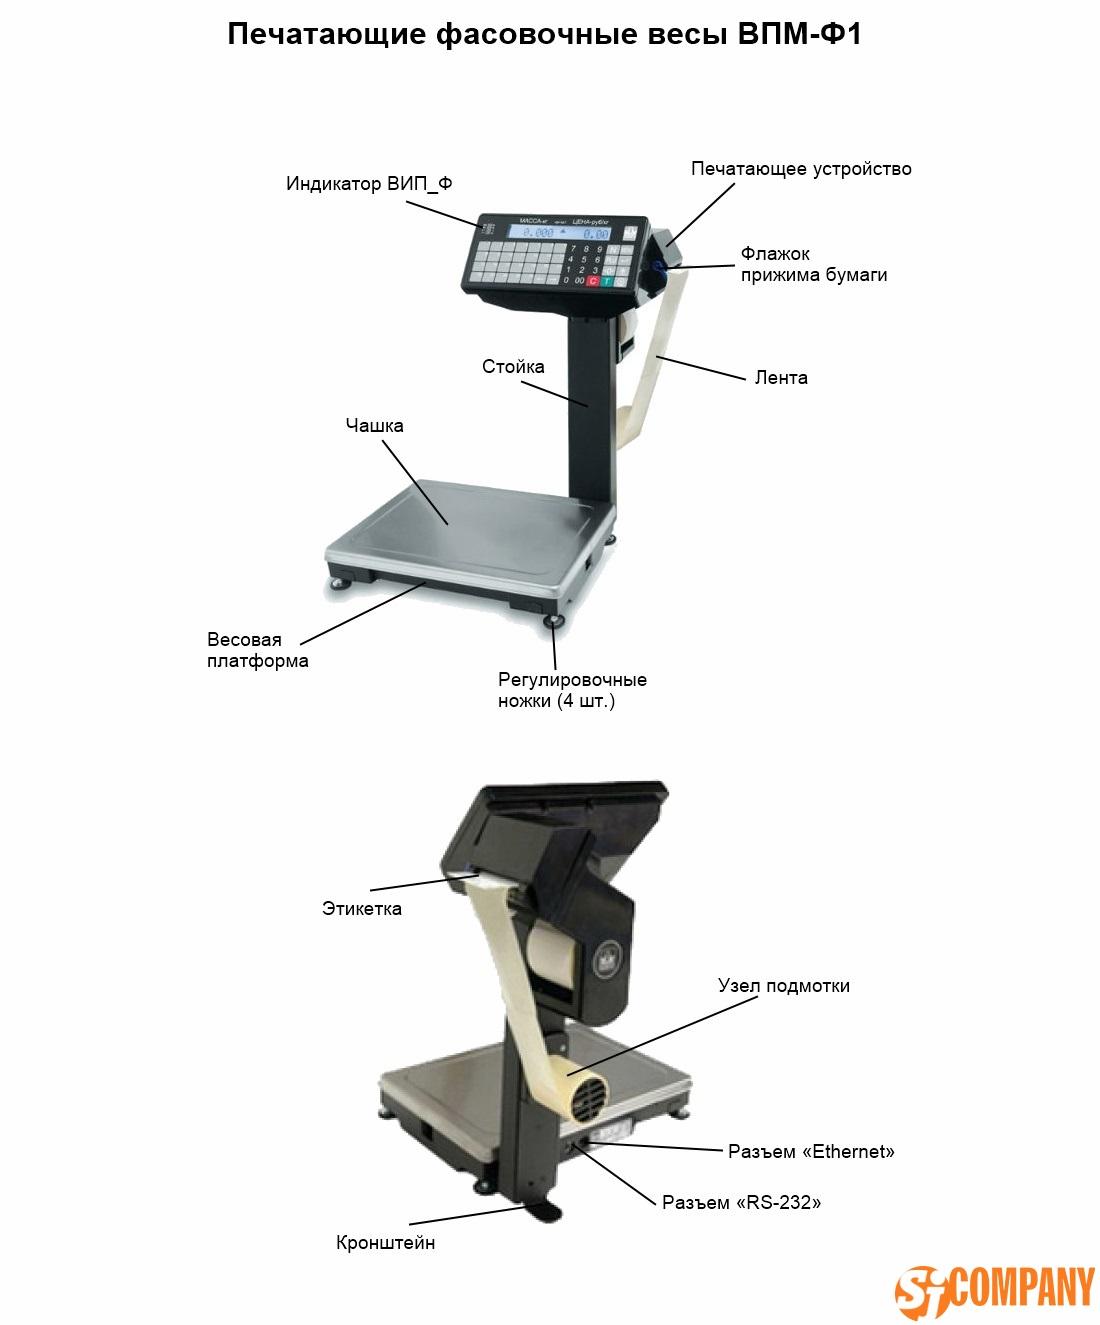 Печатающие фасовочные весы ВПМ-Ф1